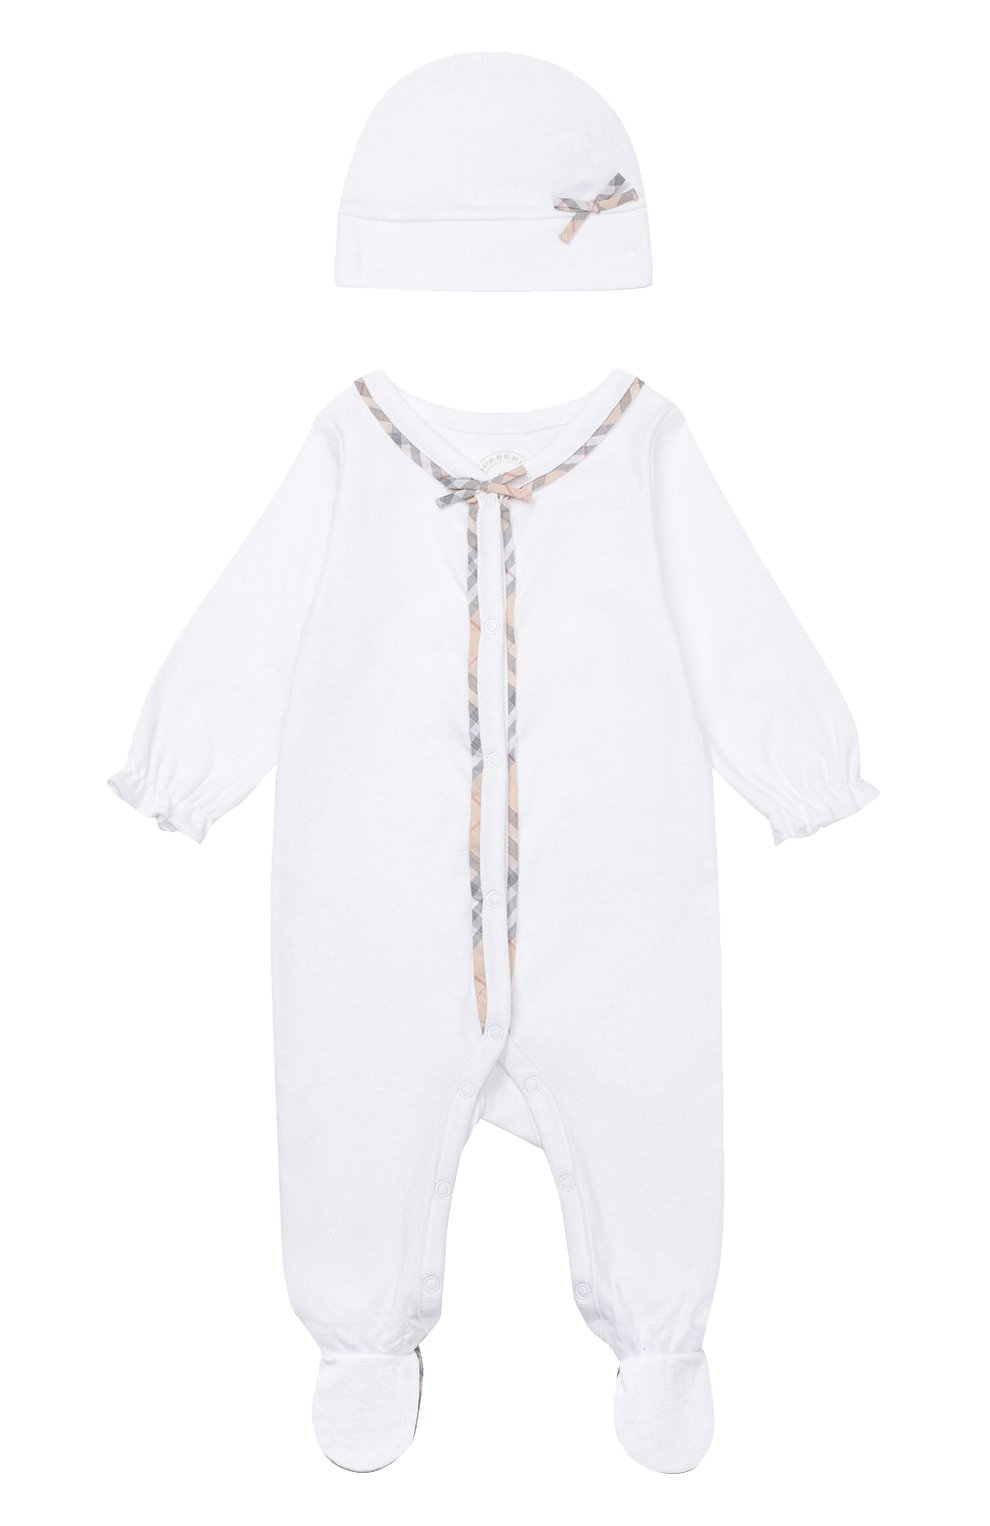 Детский пижама в комплекте с нагрудником и шапкой BURBERRY белого цвета, арт. 3998425   Фото 2